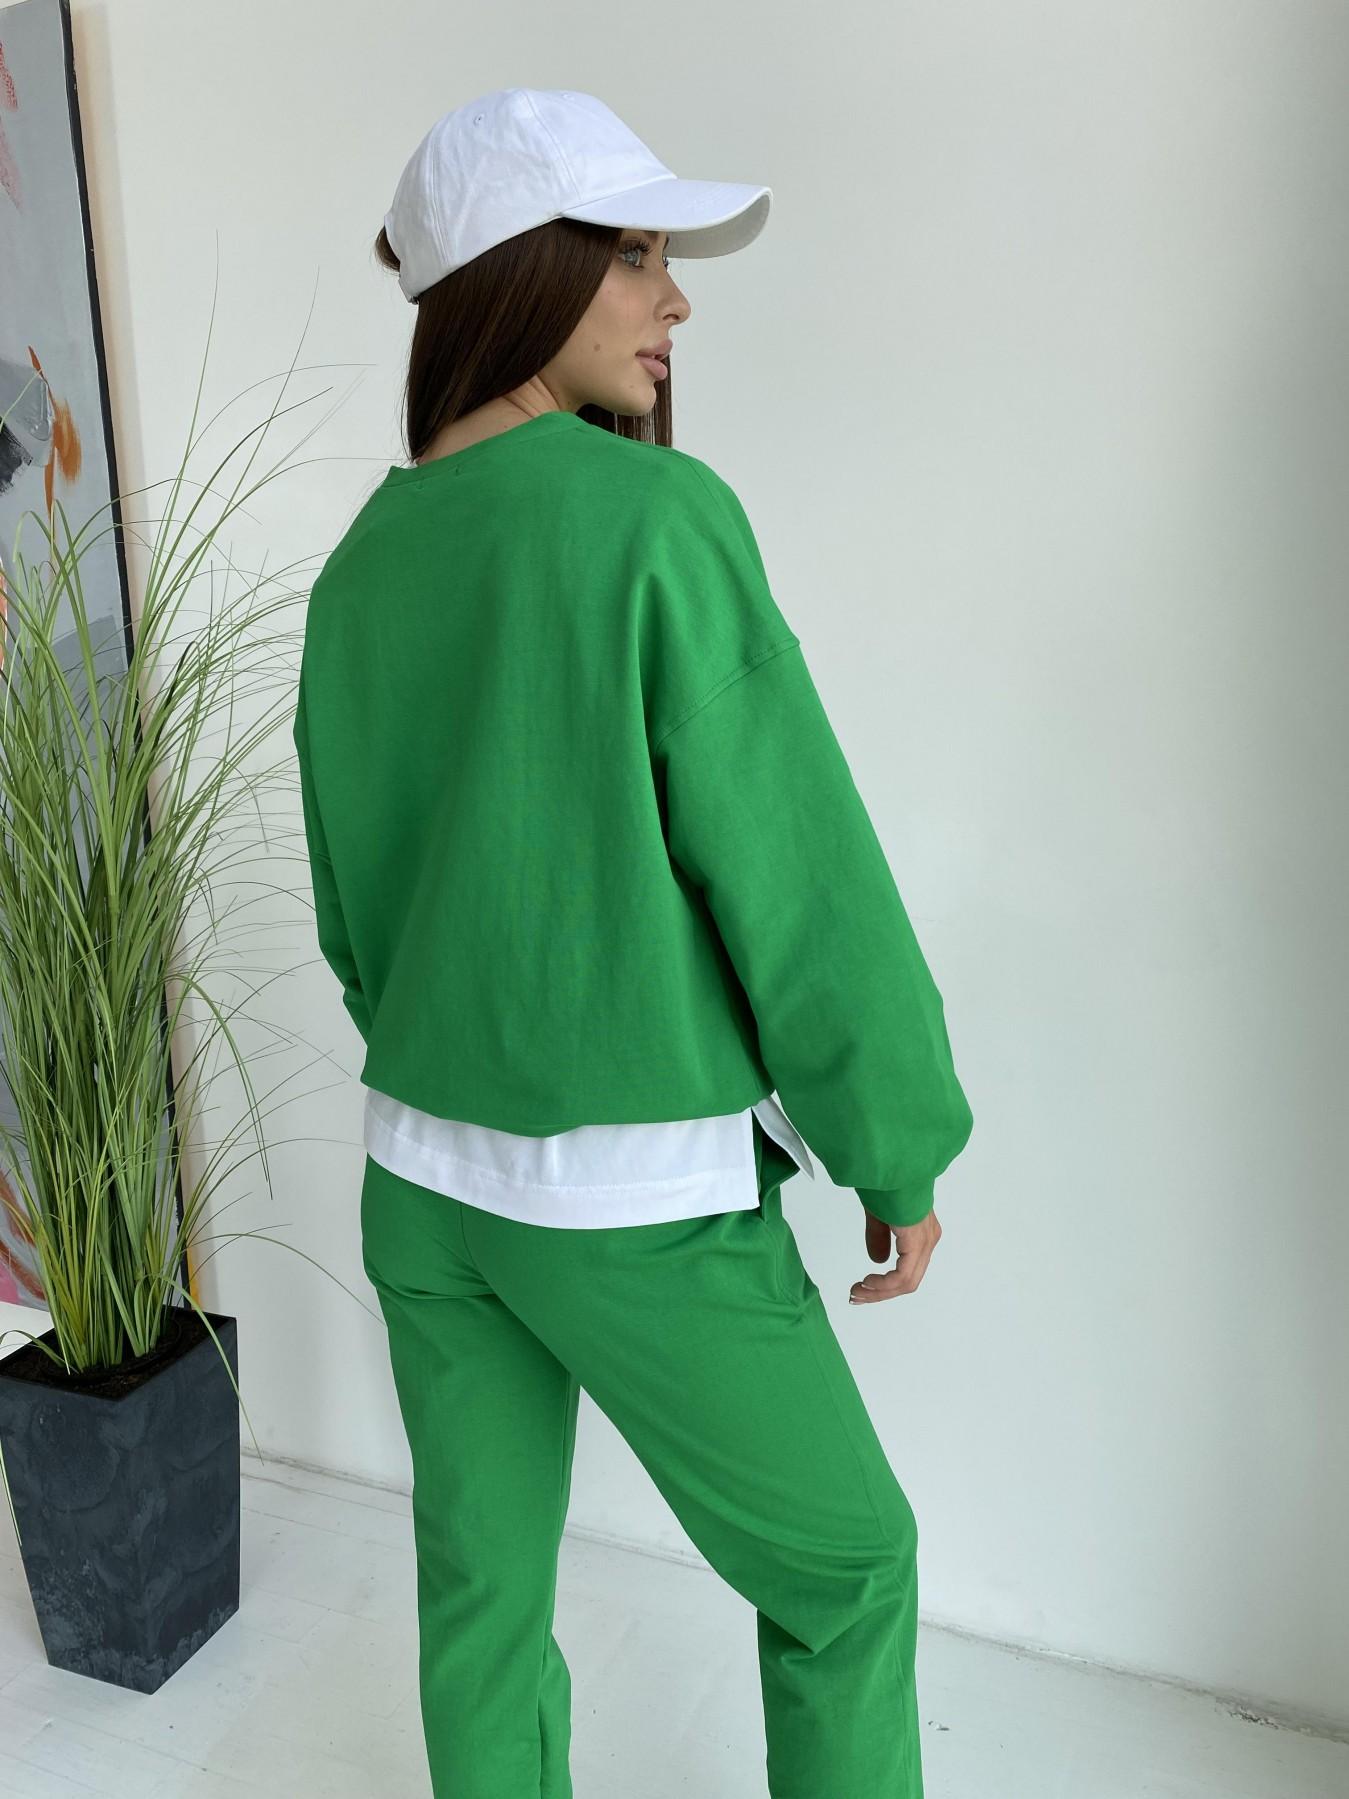 Фарт 4 костюм трикотажный 2х нитка из вискозы 11363 АРТ. 48020 Цвет: ЗеленыйТравка/Белый - фото 9, интернет магазин tm-modus.ru